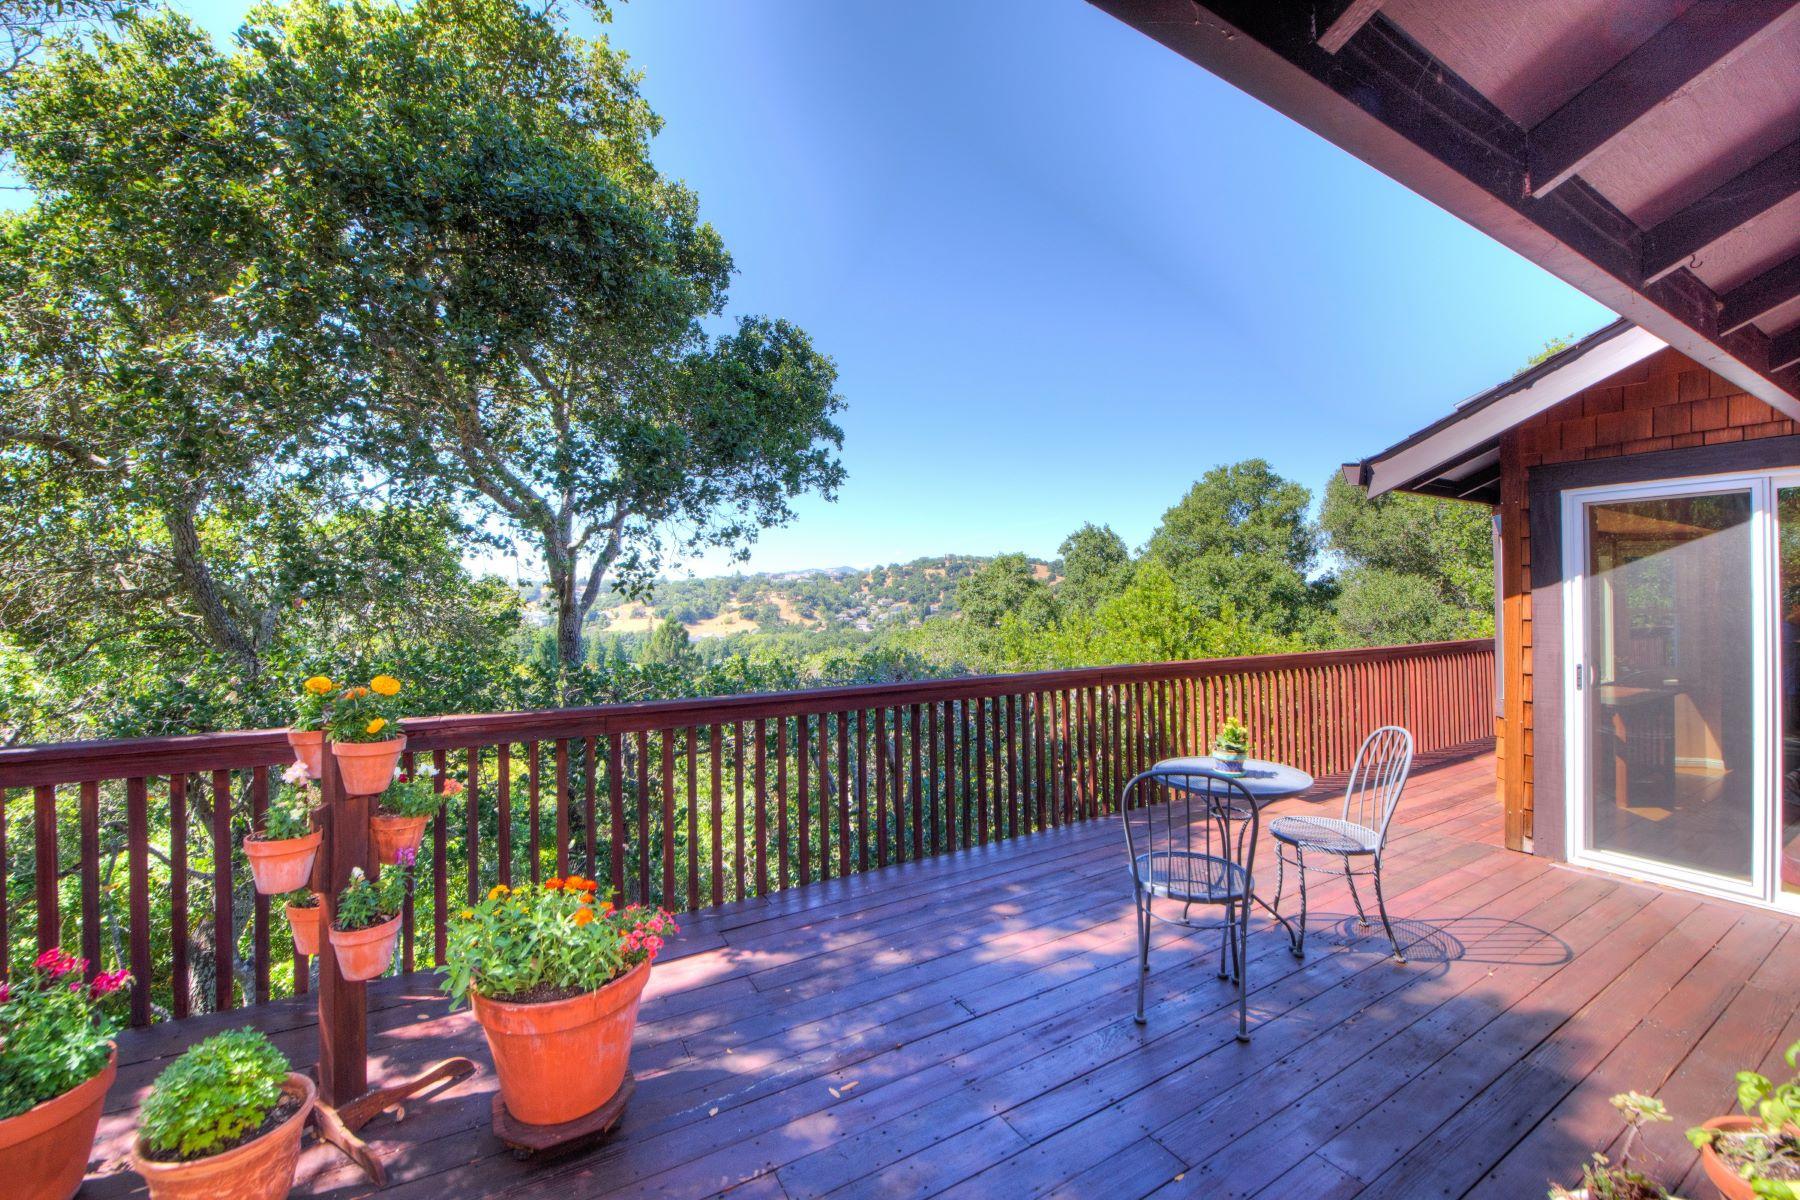 獨棟家庭住宅 為 出售 在 Wonderful View Home in Marin Country Club 125 Pebble Beach Drive Novato, 加利福尼亞州 94949 美國